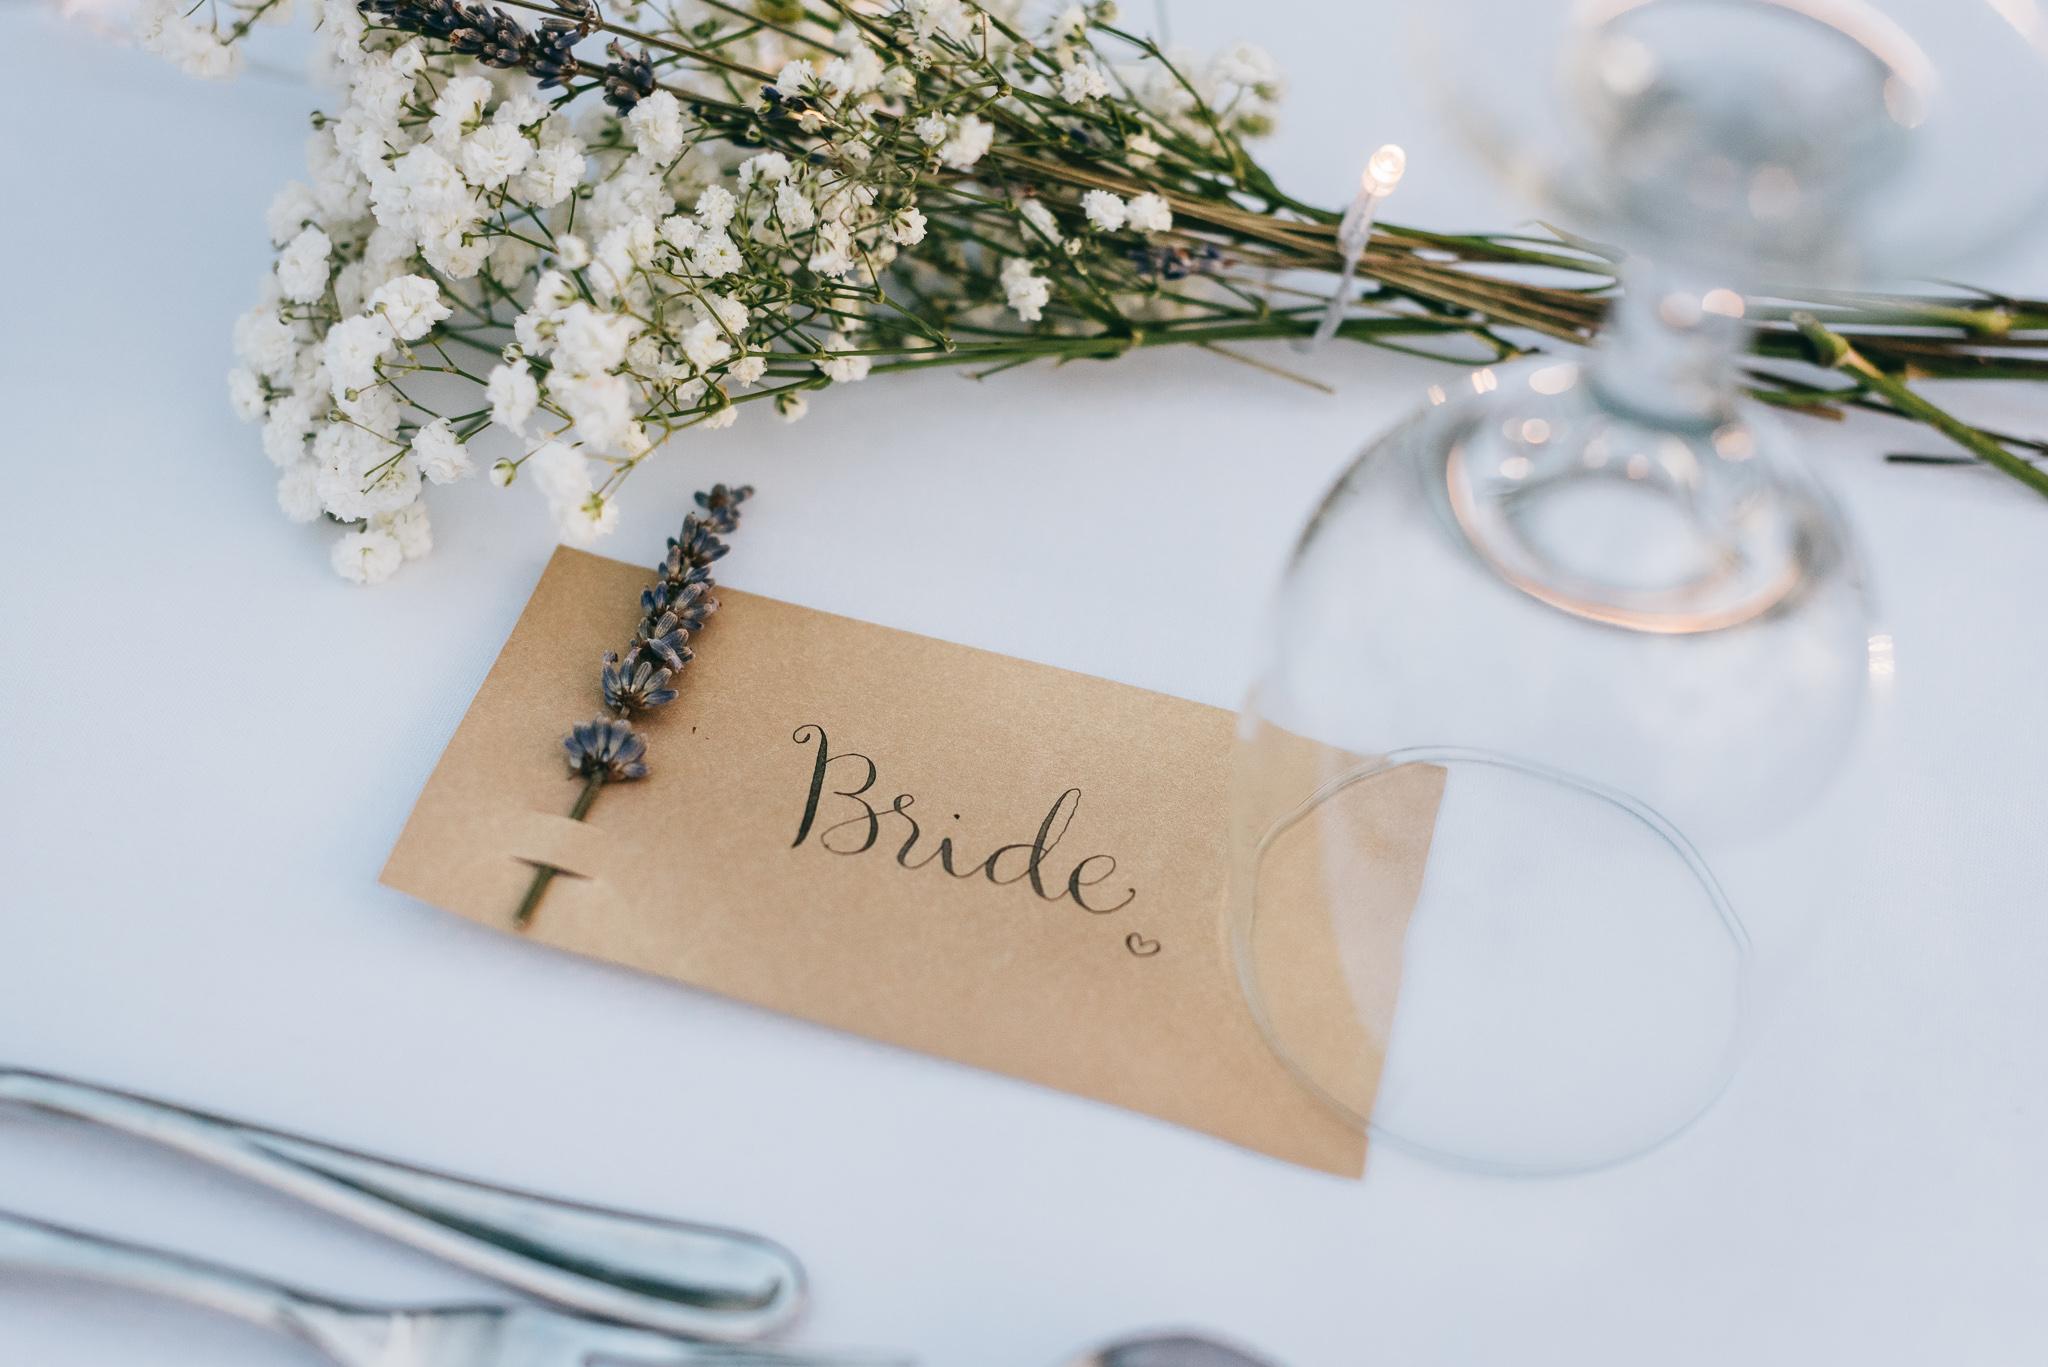 Lionel & Karen Wedding Day Highlights (resized for sharing) - 137.jpg